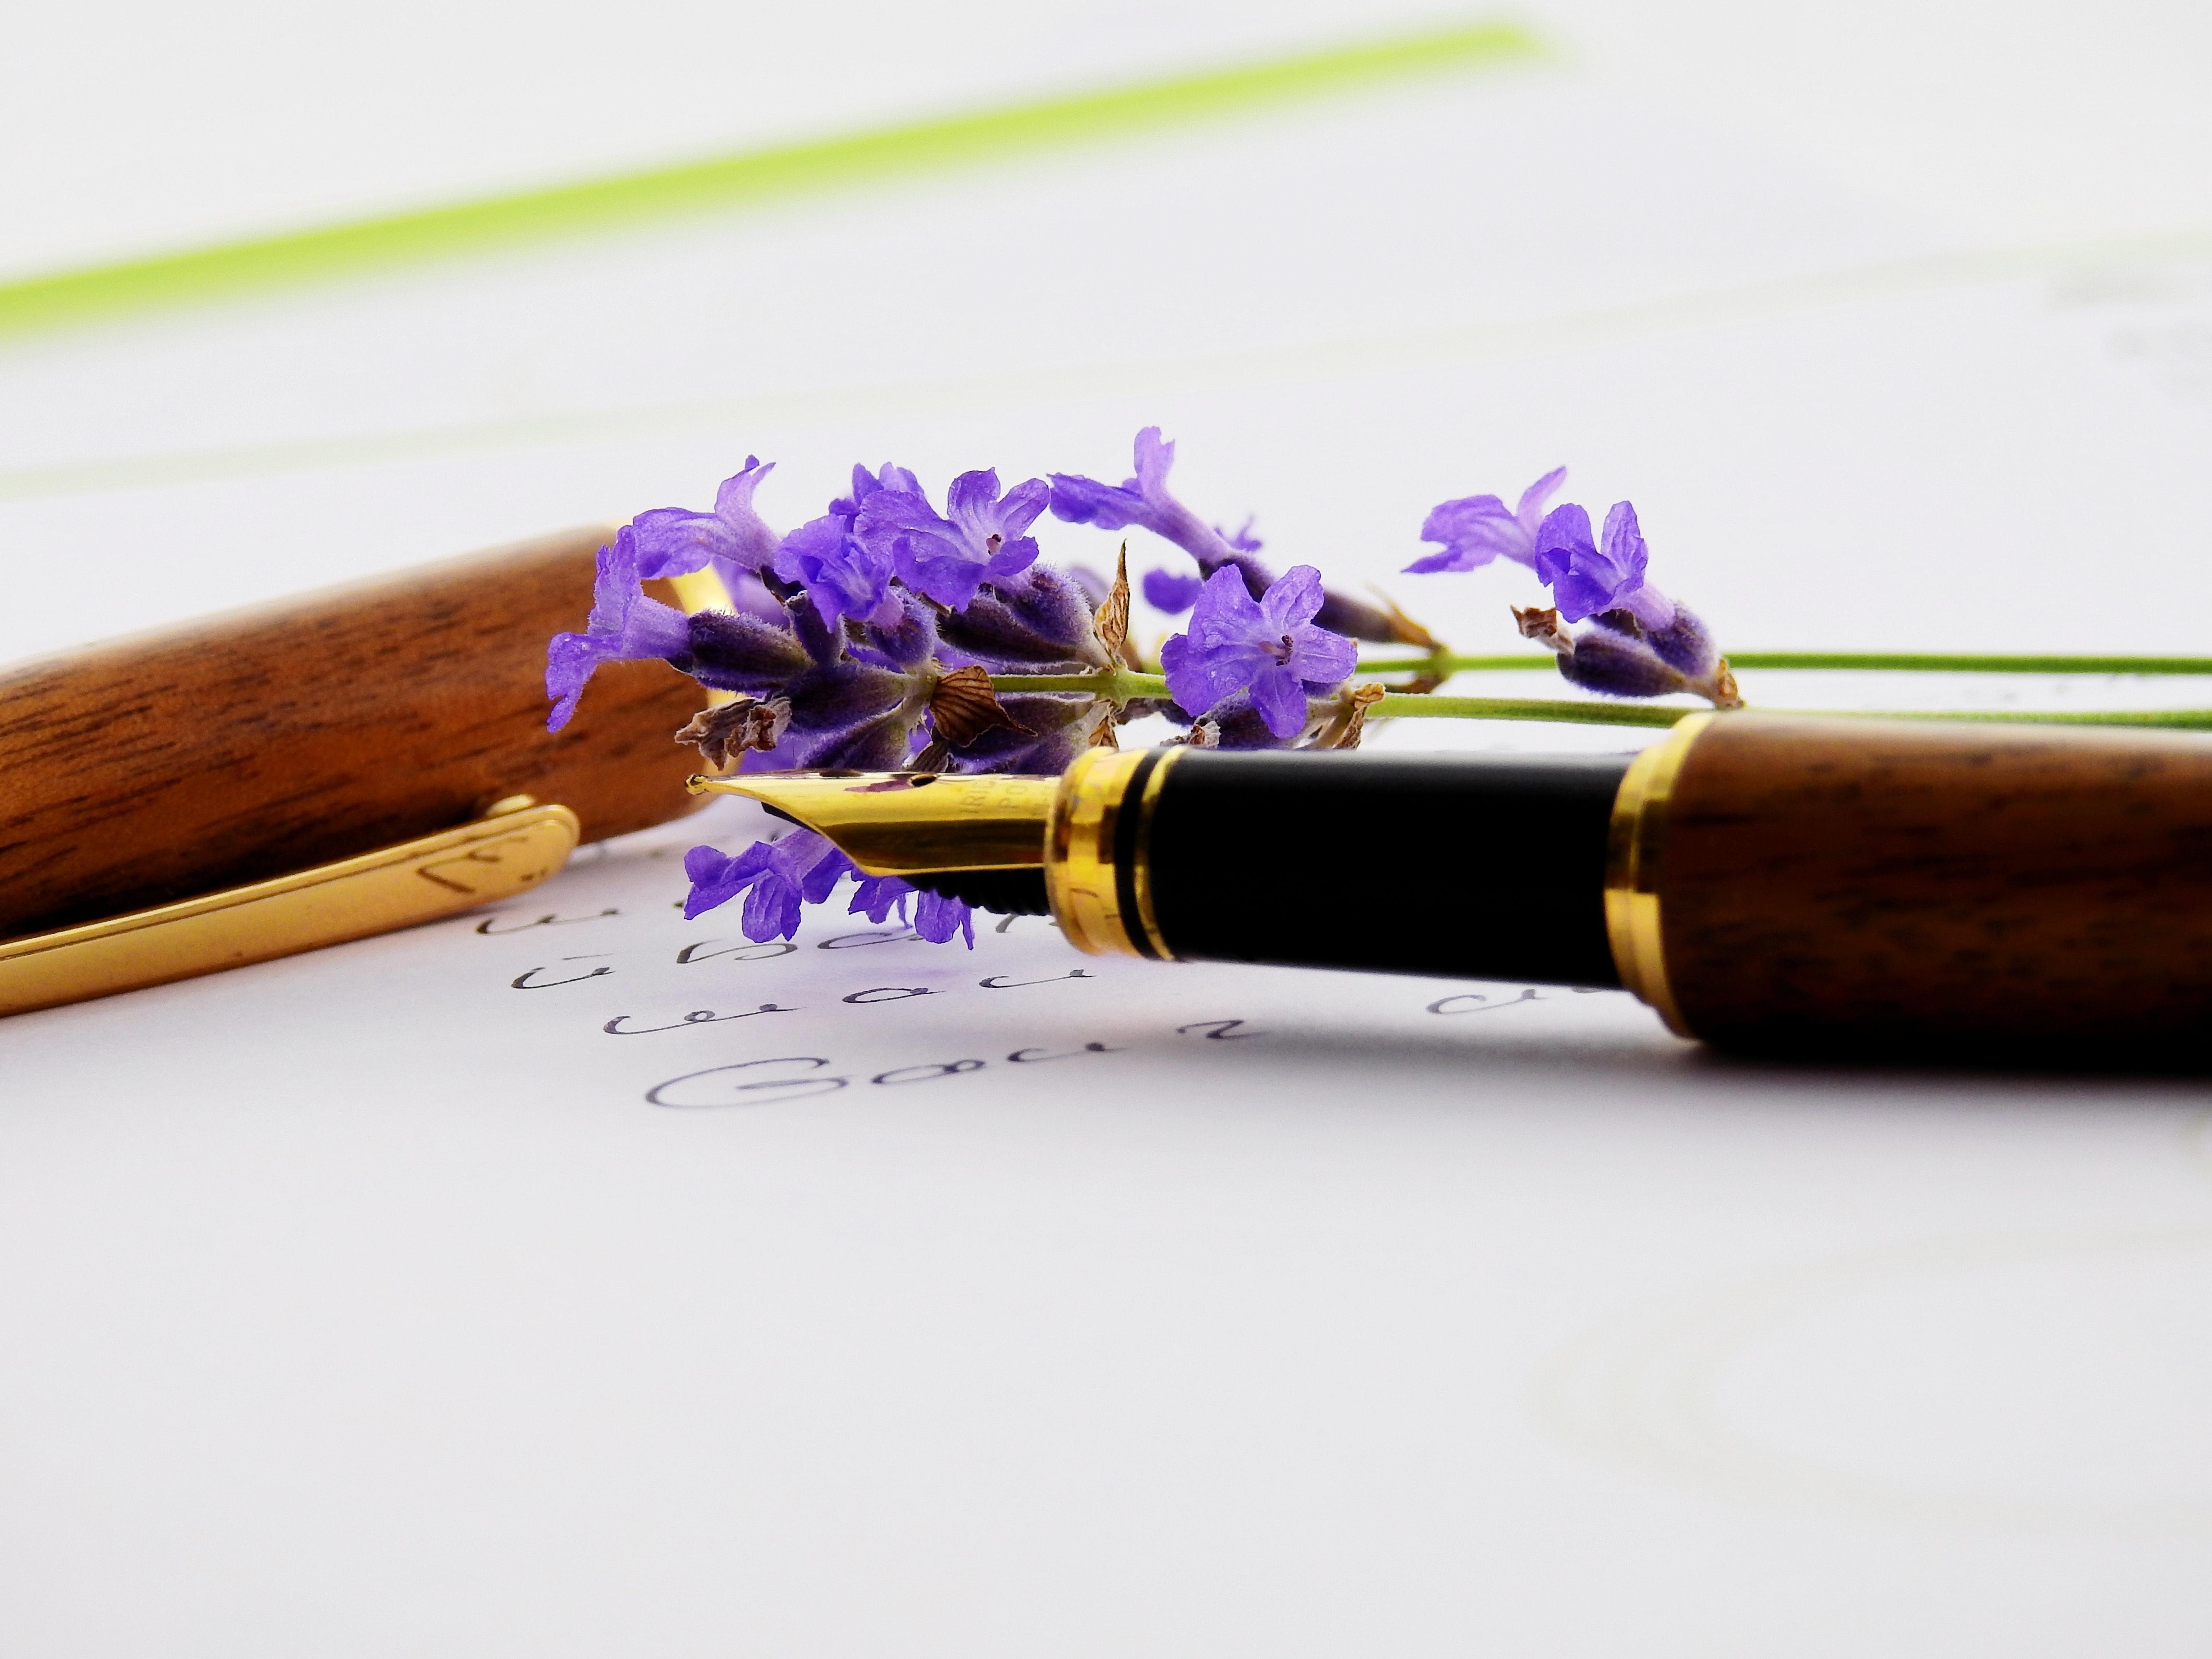 Открытка с цветами и ручкой, день